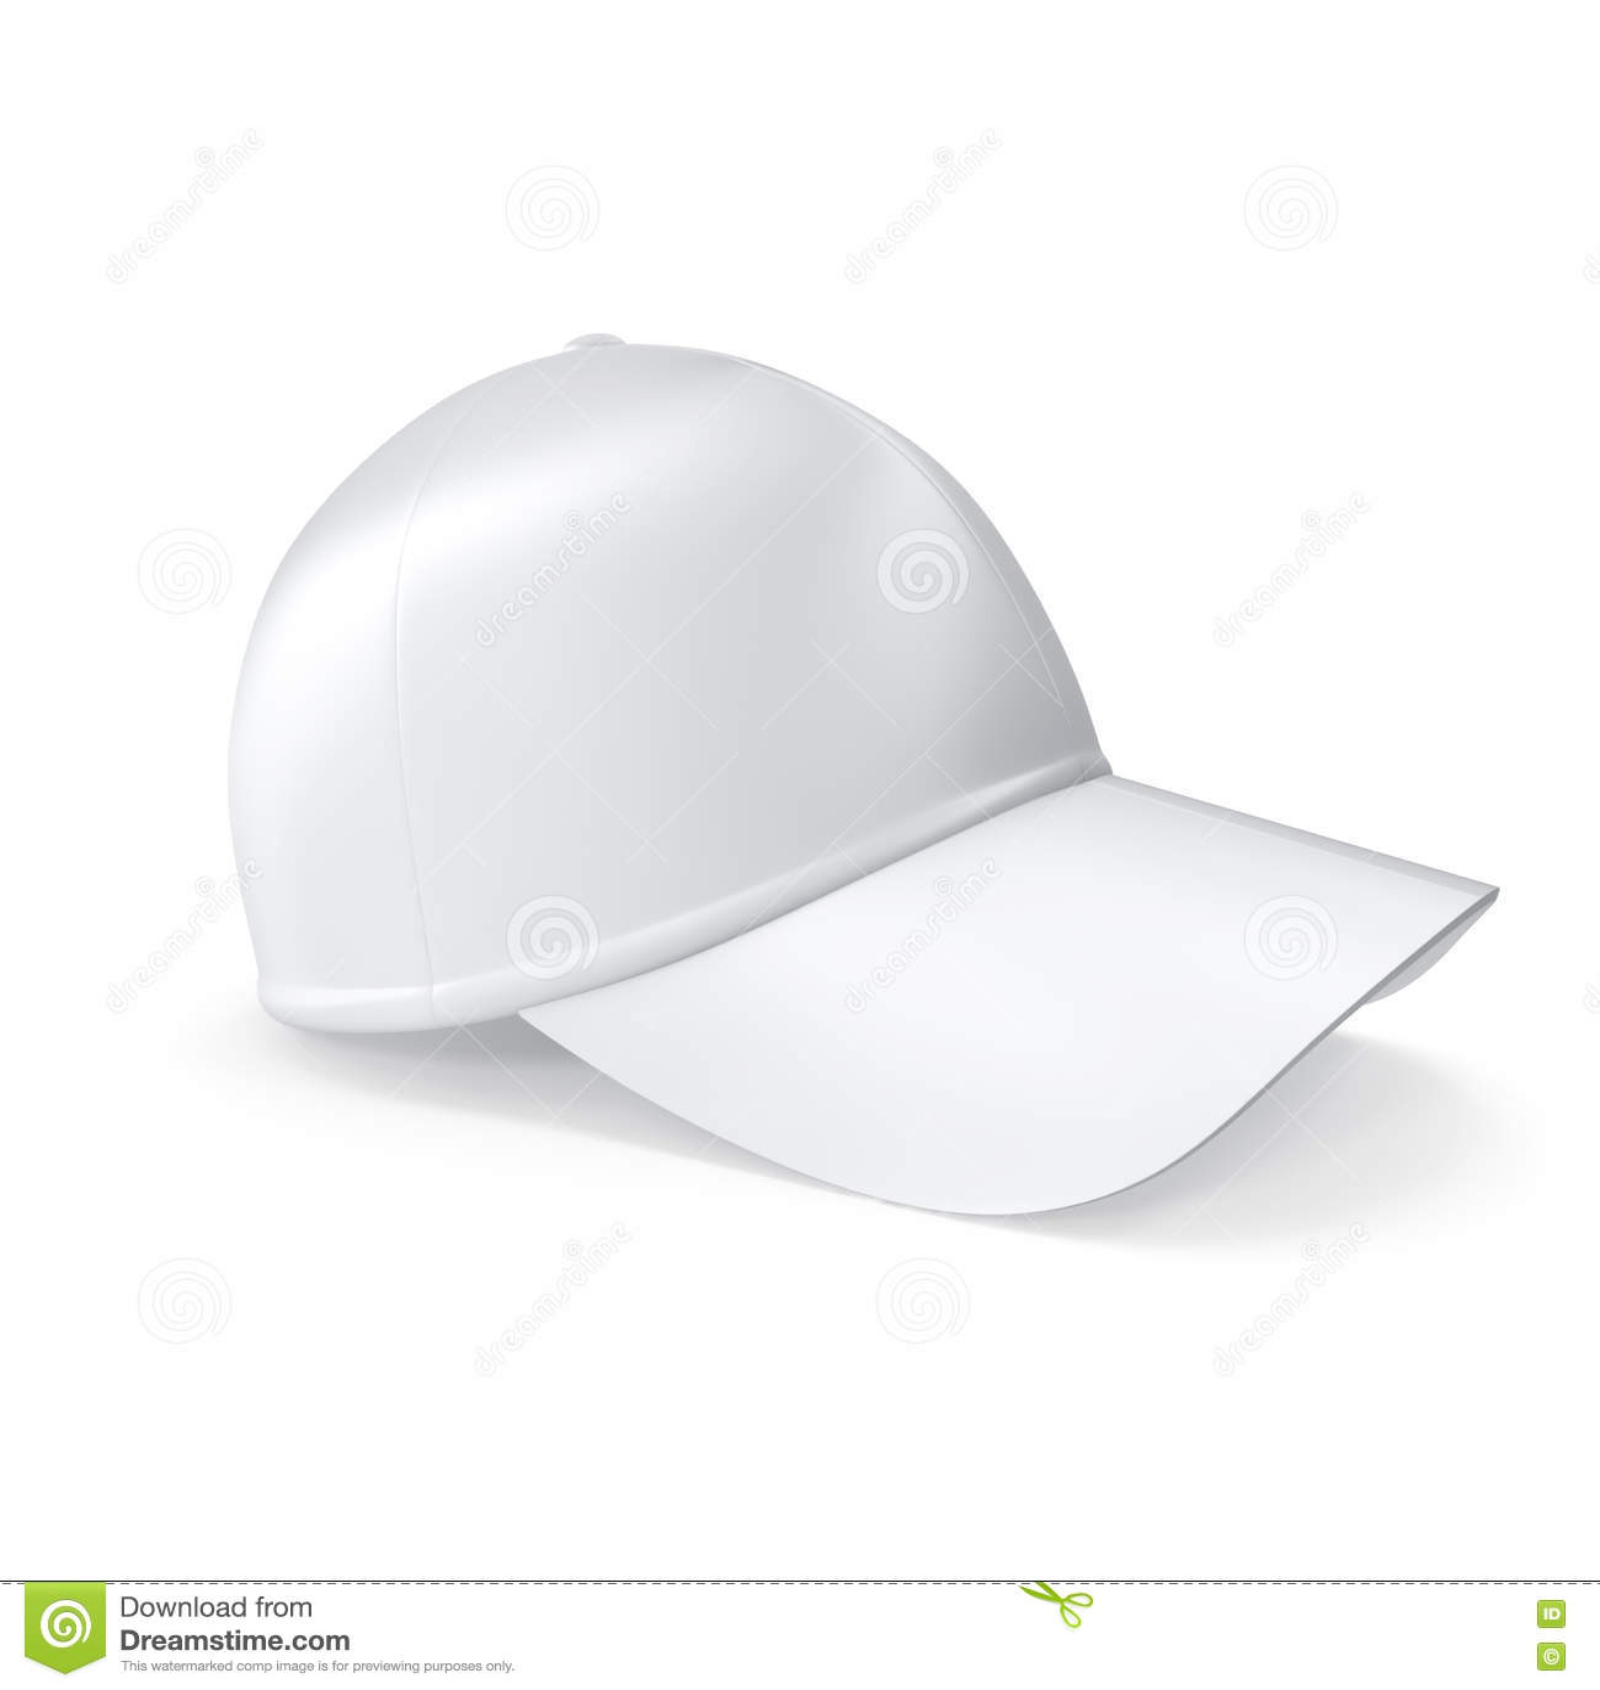 Gorra De Béisbol Blanca Realista Aislada En El Fondo Blanco Stock de ... d1302ab09c0